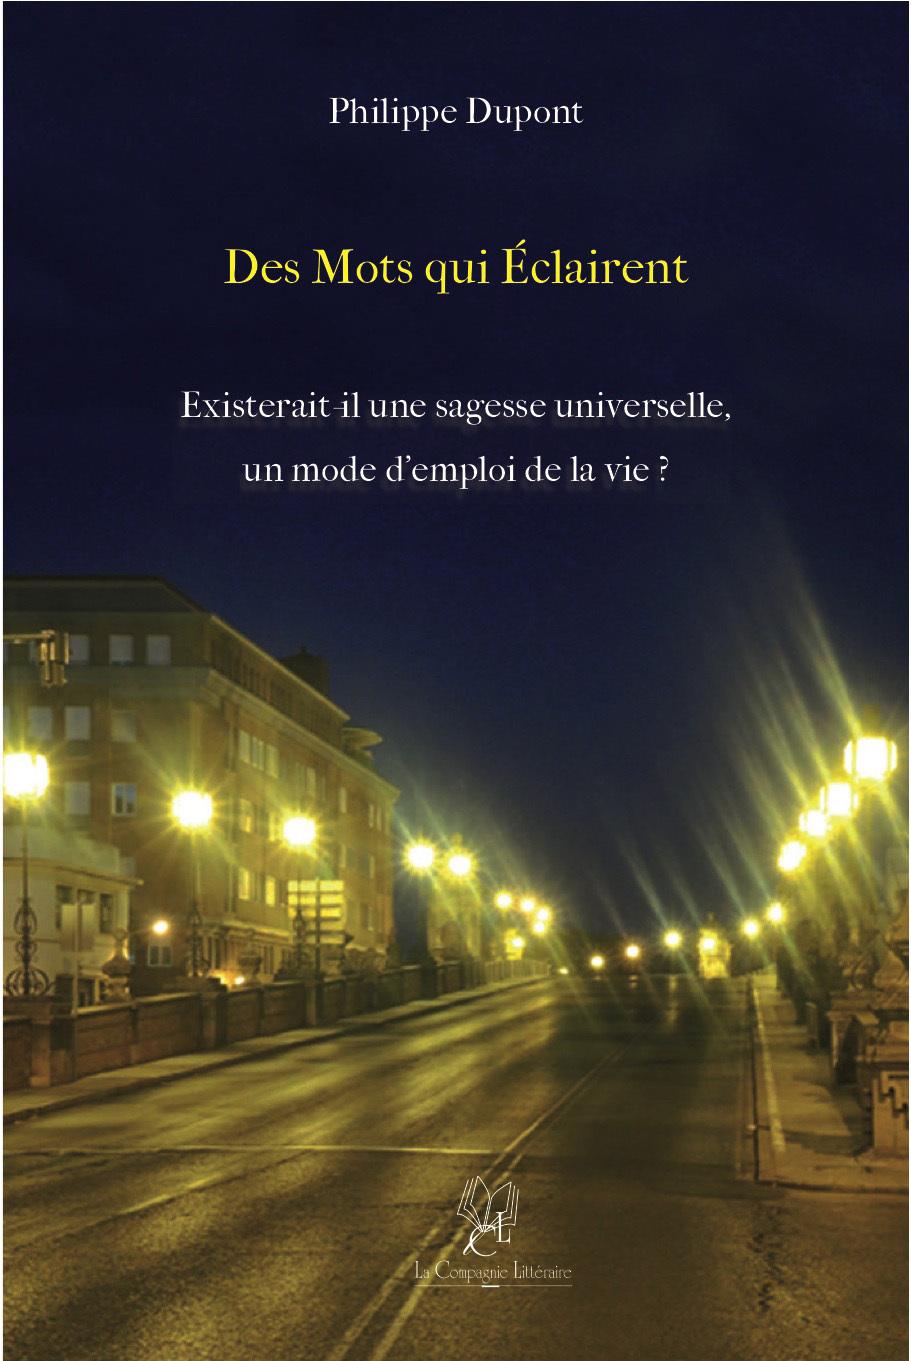 DES MOTS QUI ECLAIRENT EXISTERAIT-IL UNE SAGESSE UNIVERSELLE, UN MODE D'EMPLOI DE LA VIE